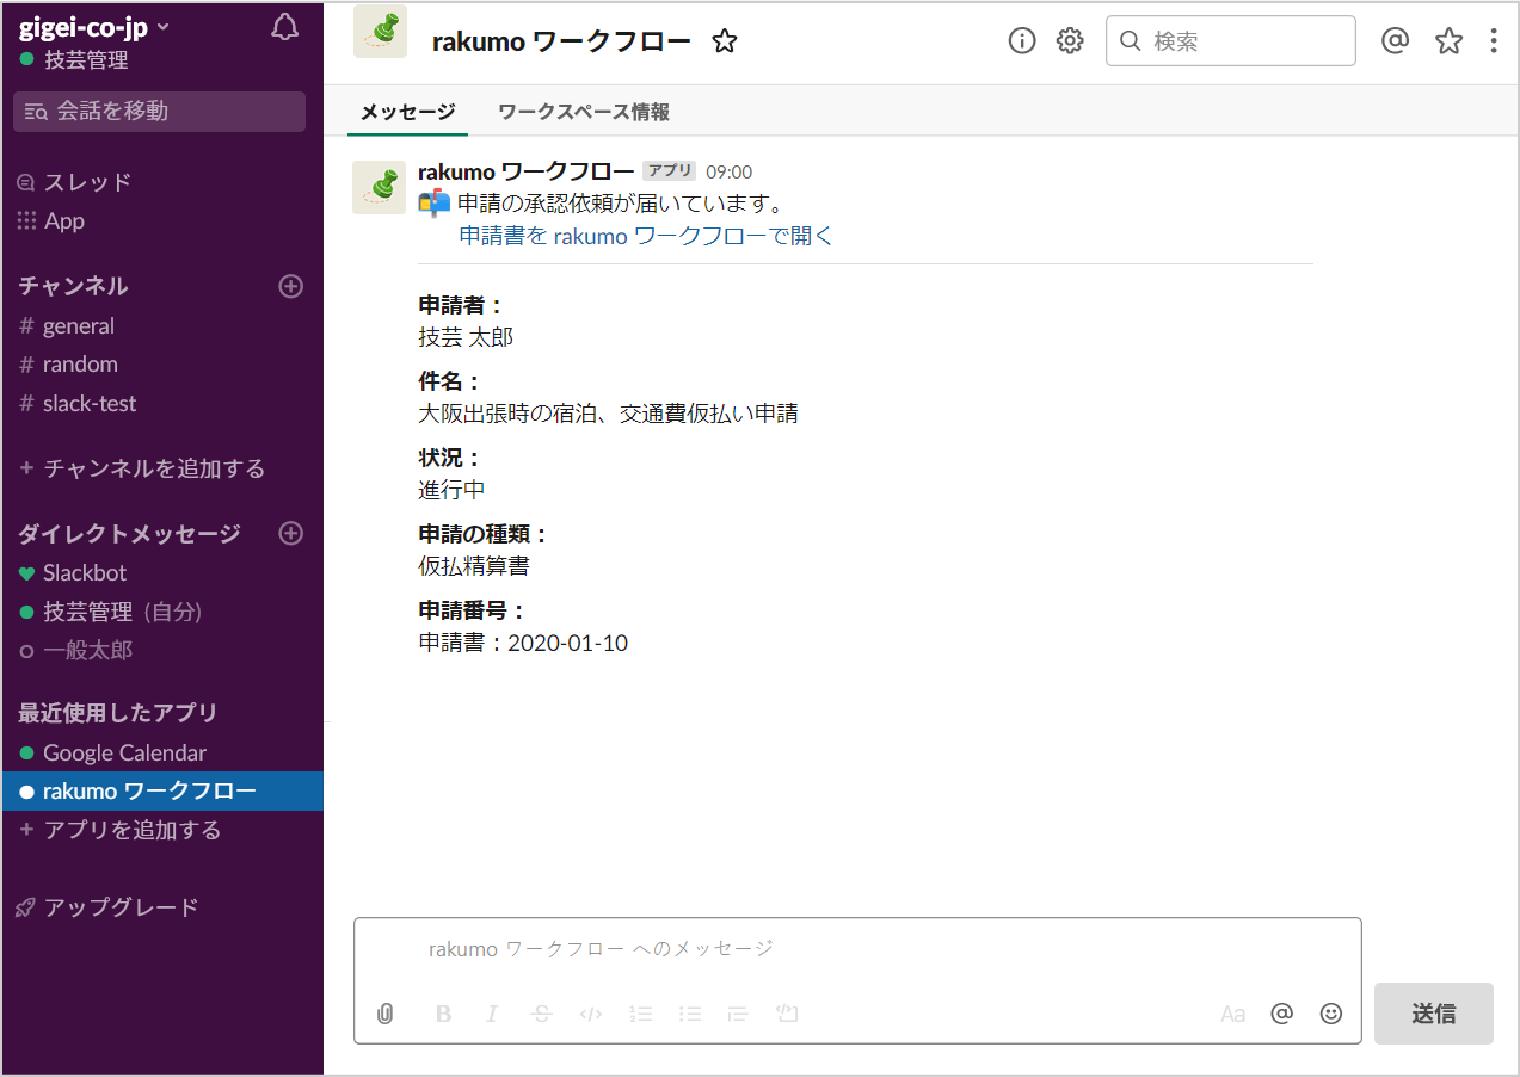 「rakumo ワークフロー」はメール/Slackのどちらでも通知を受け取れます。